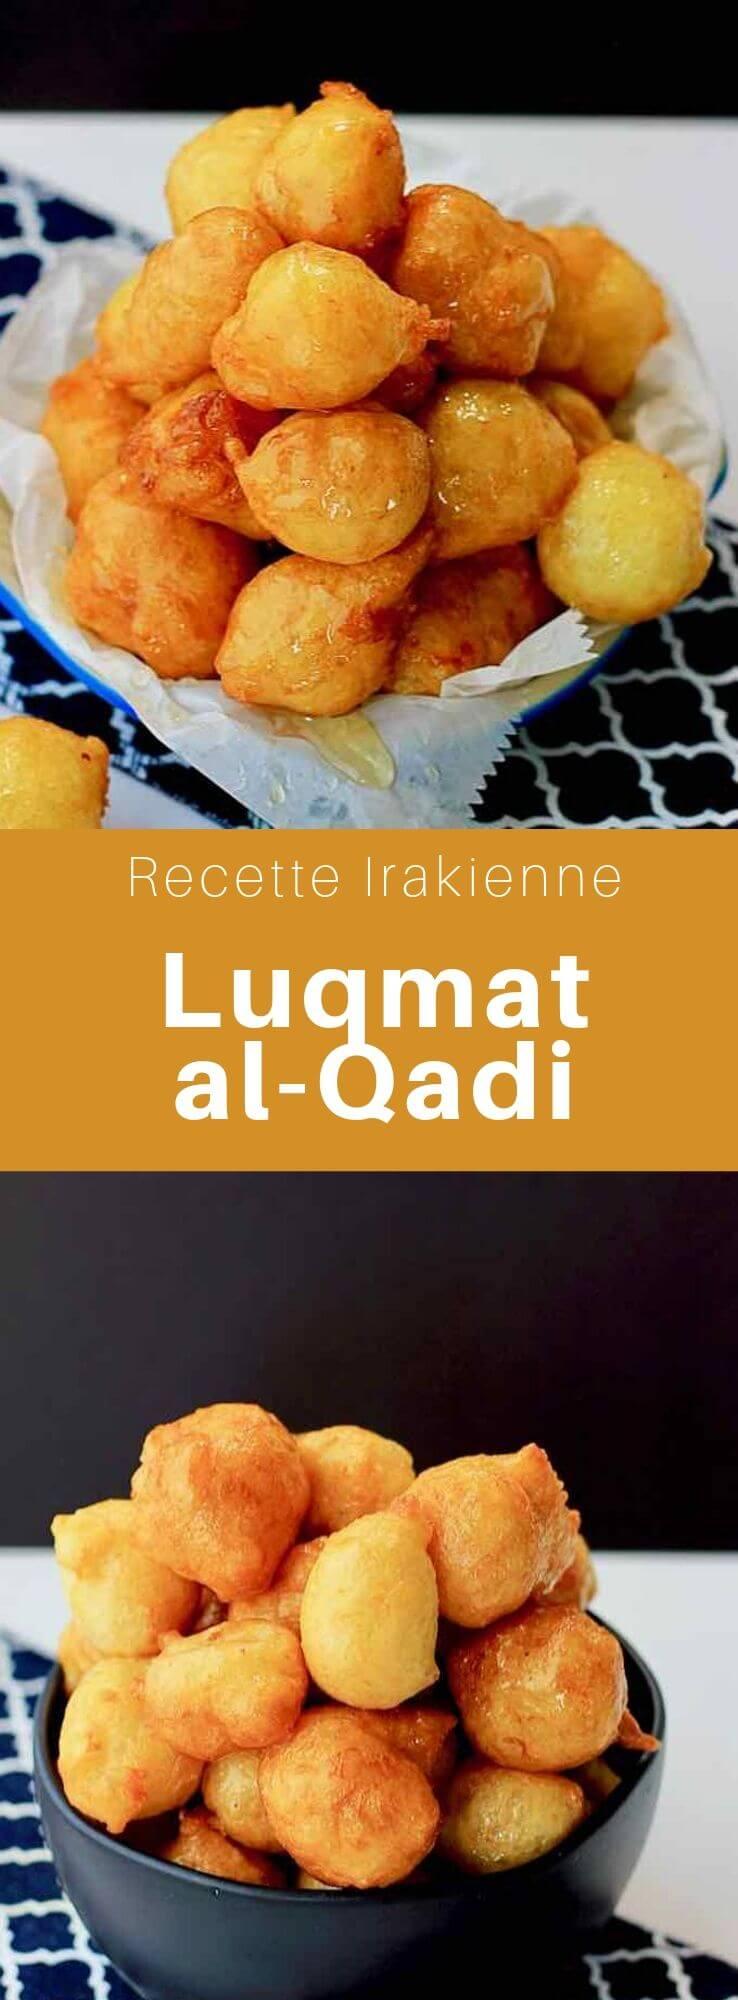 Les luqmat al-qadi appelés également lokma en turc ou loukoumádes en grec sont une pâtisserie à base de pâte levée frite et imbibée de sirop ou parfois de miel, célèbre dans les pays arabes du Golfe, en Égypte et dans les pays du levant. #Irak #RecetteIrakienne #CuisineIrakienne #CuisineDuMonde #196flavors